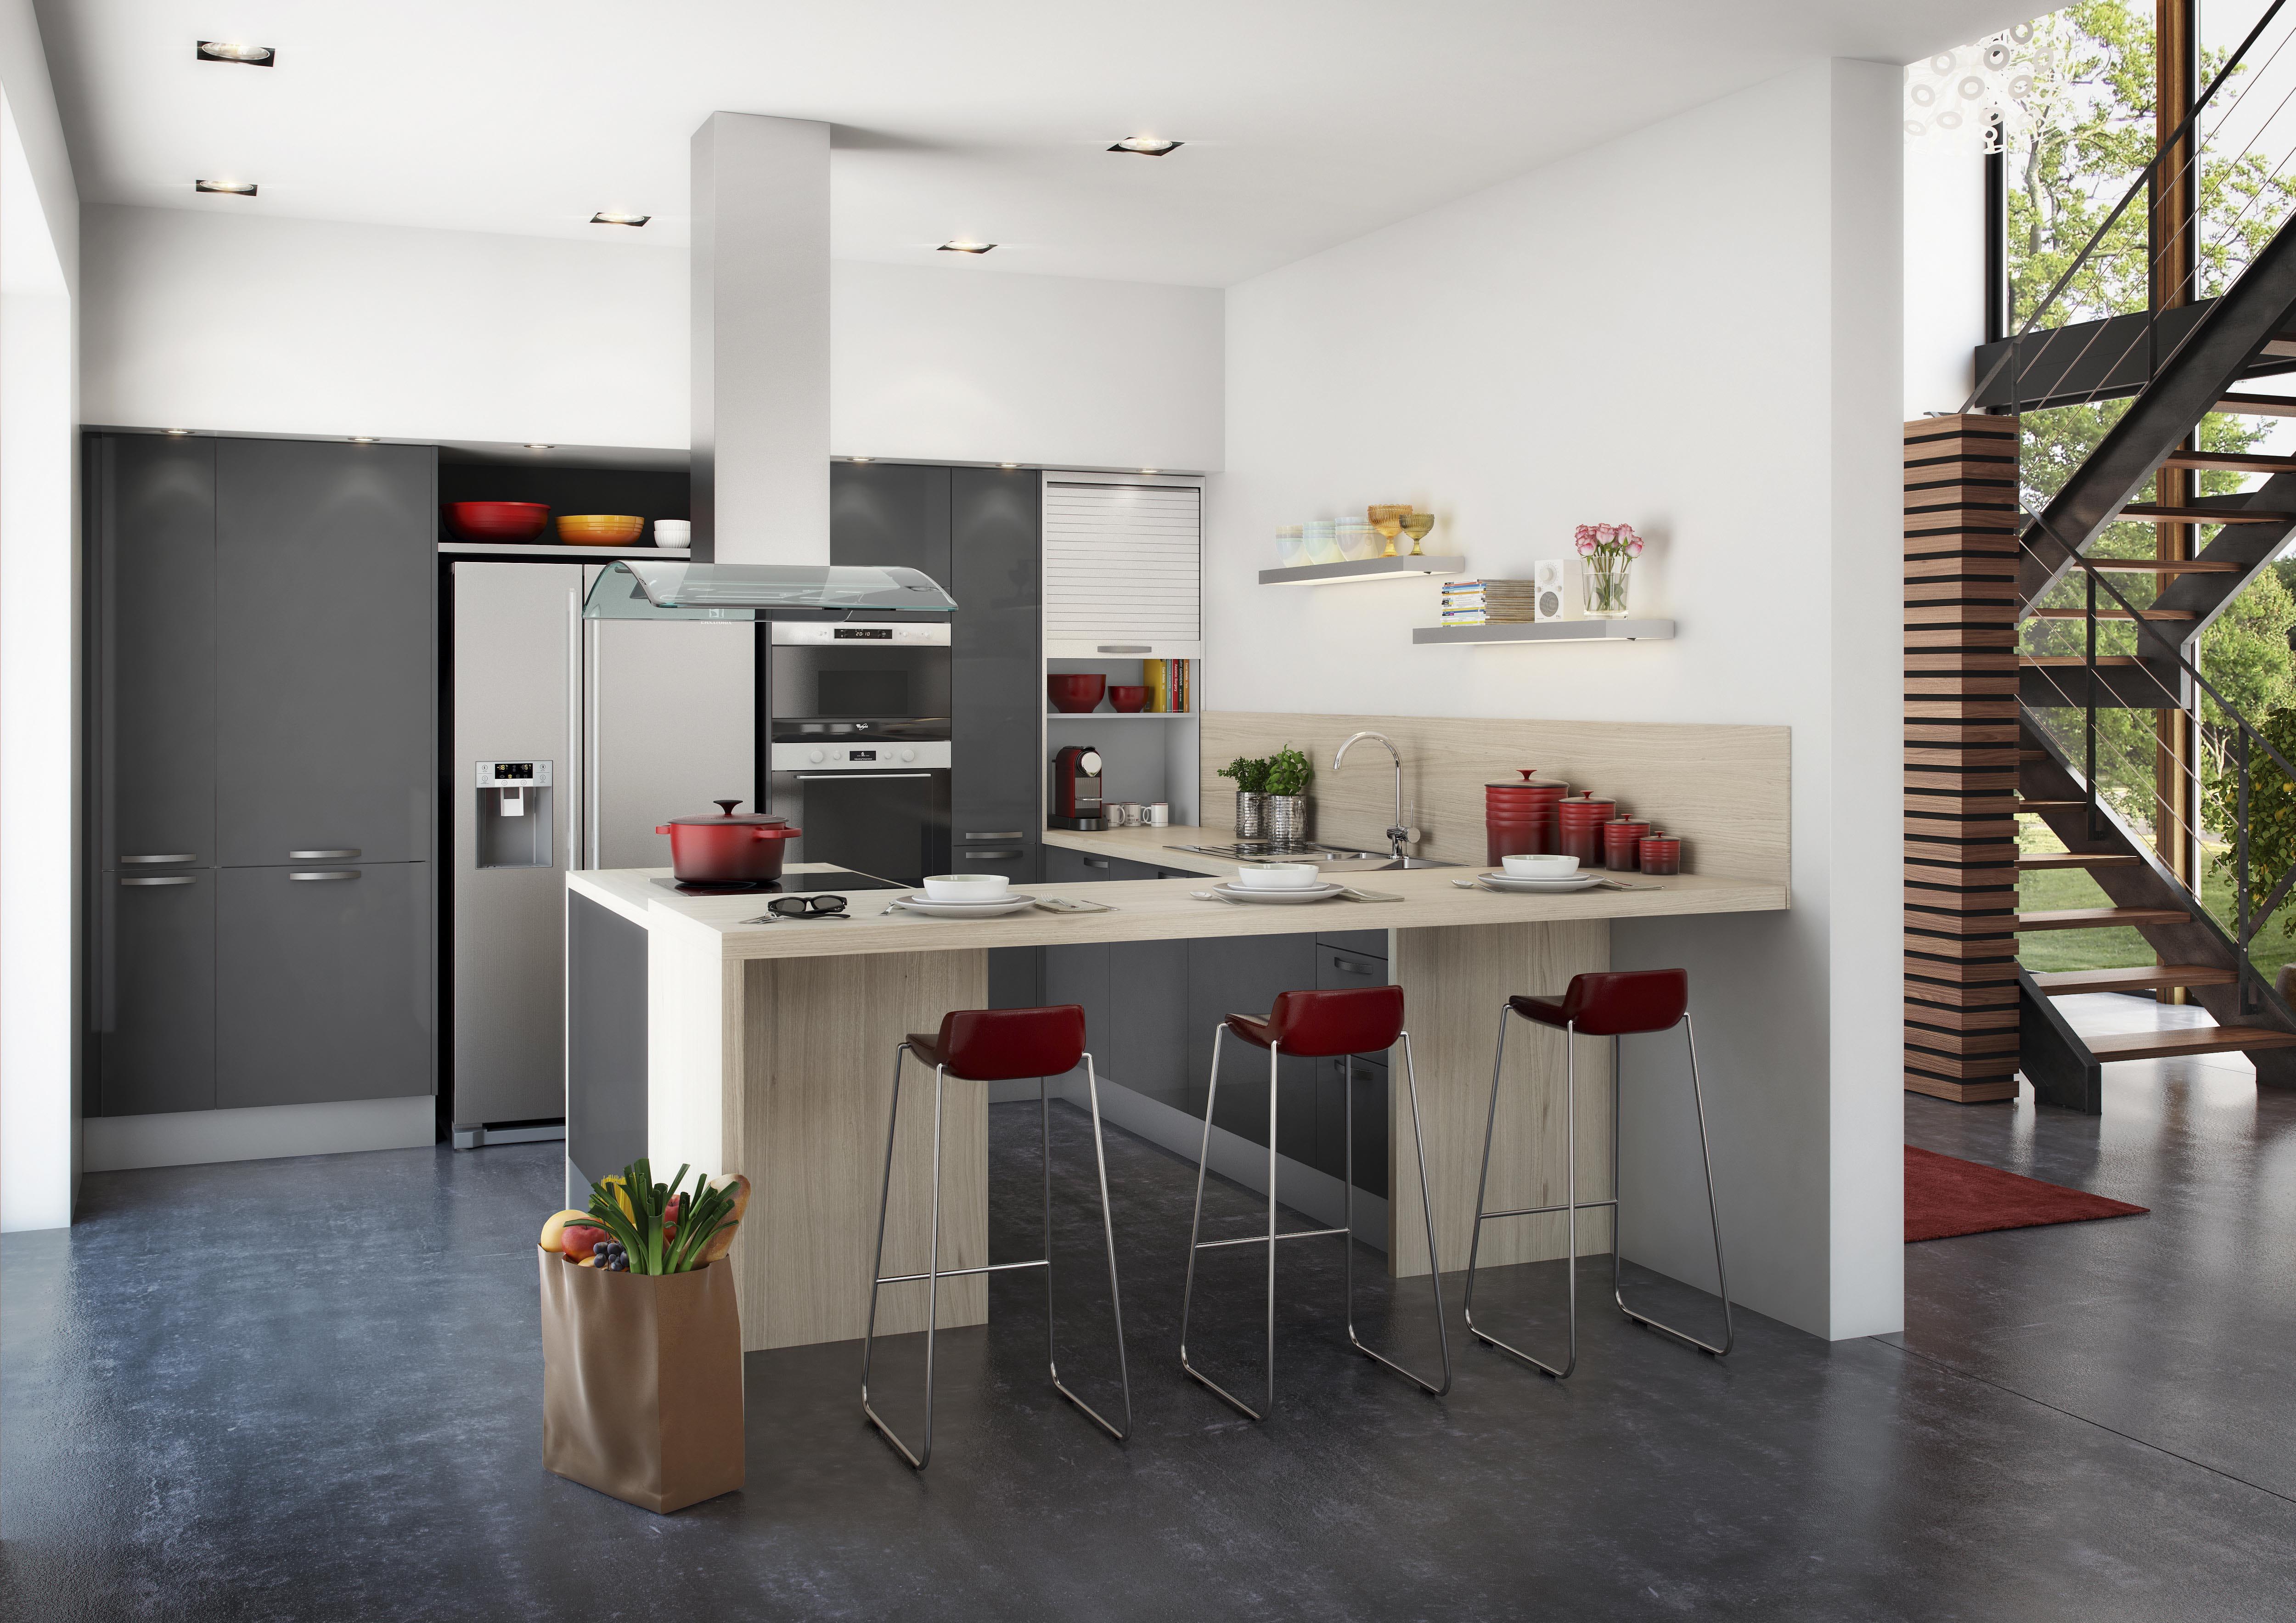 Davausnet Cuisine Hygena Rouge City Avec Des Idées - Hygena cuisine